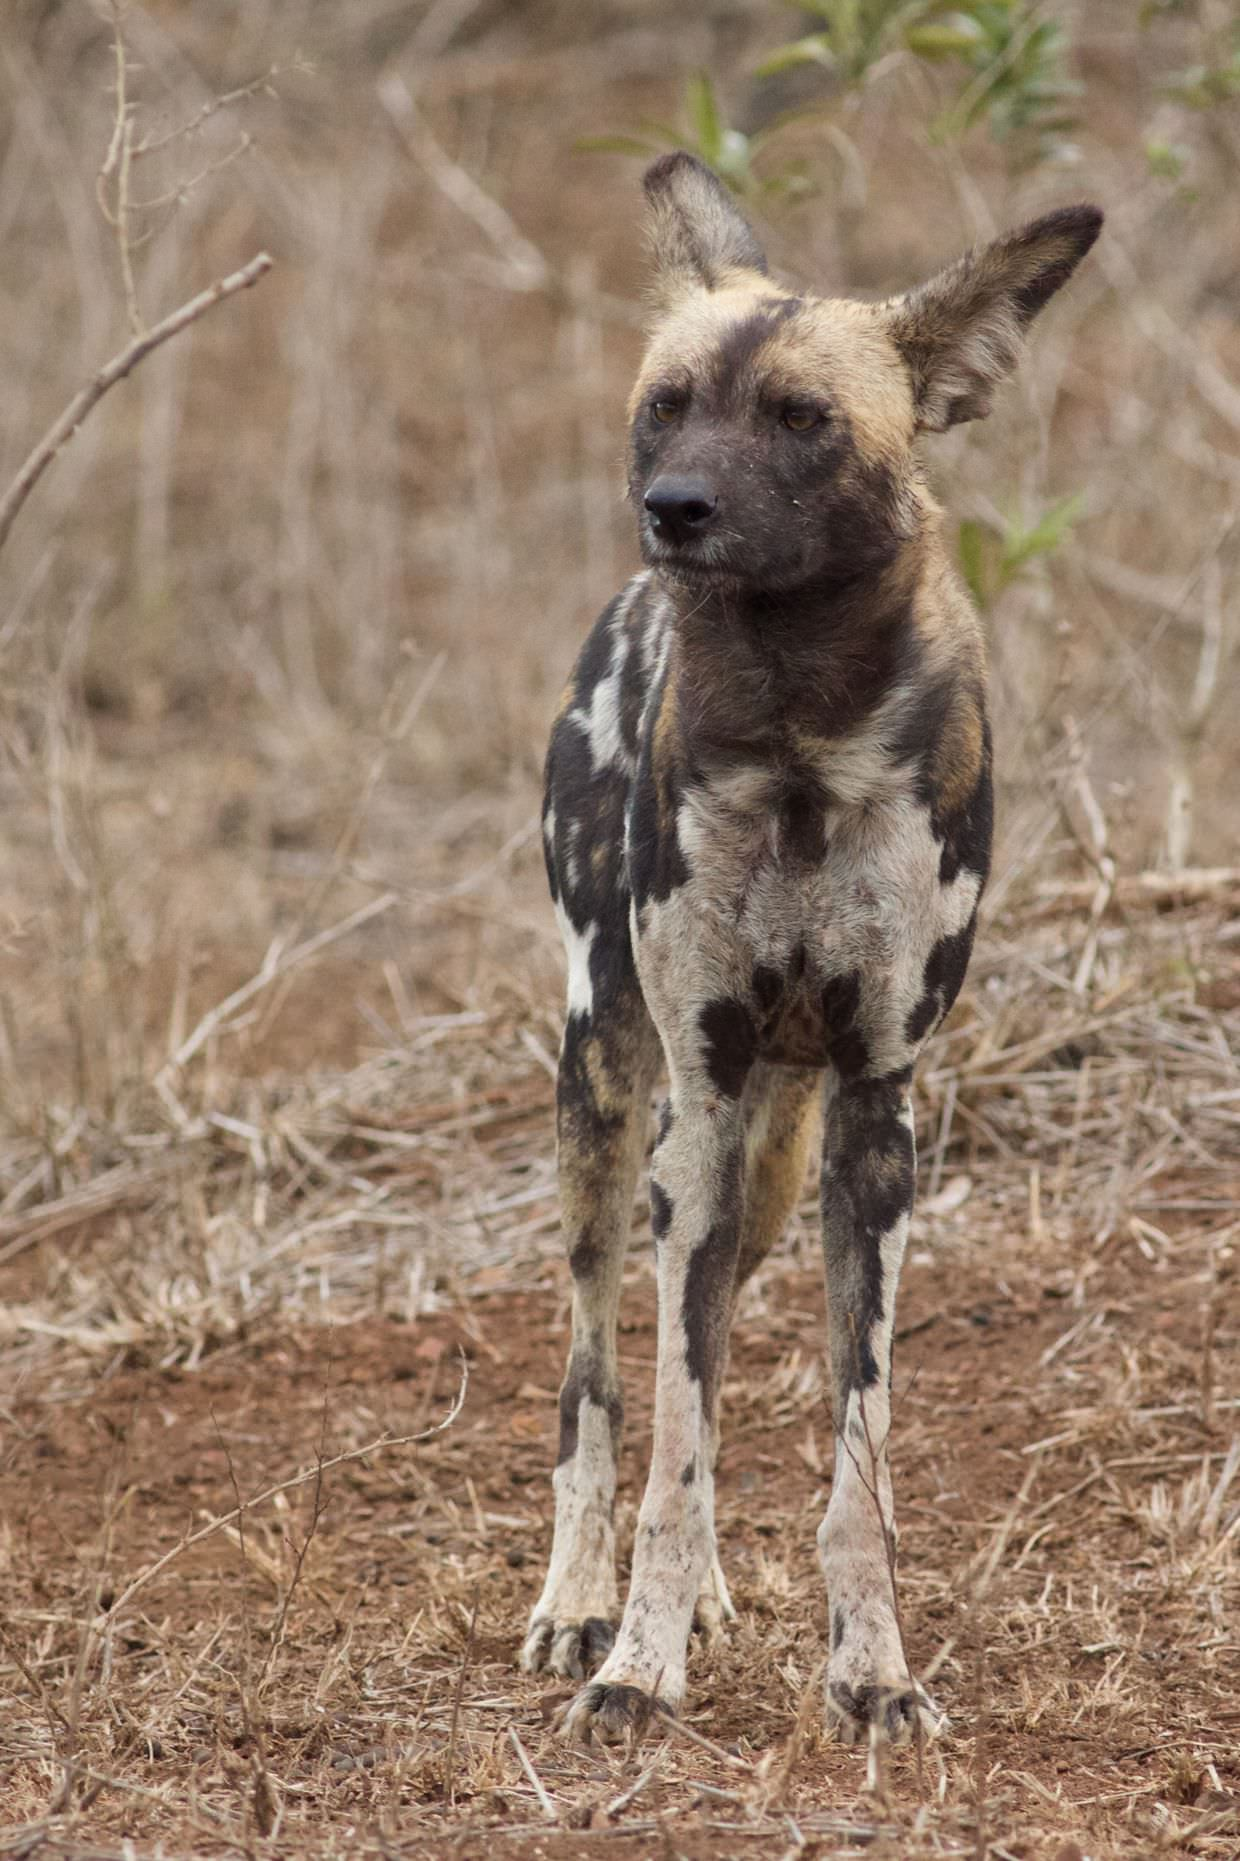 Portrait of a wild dog